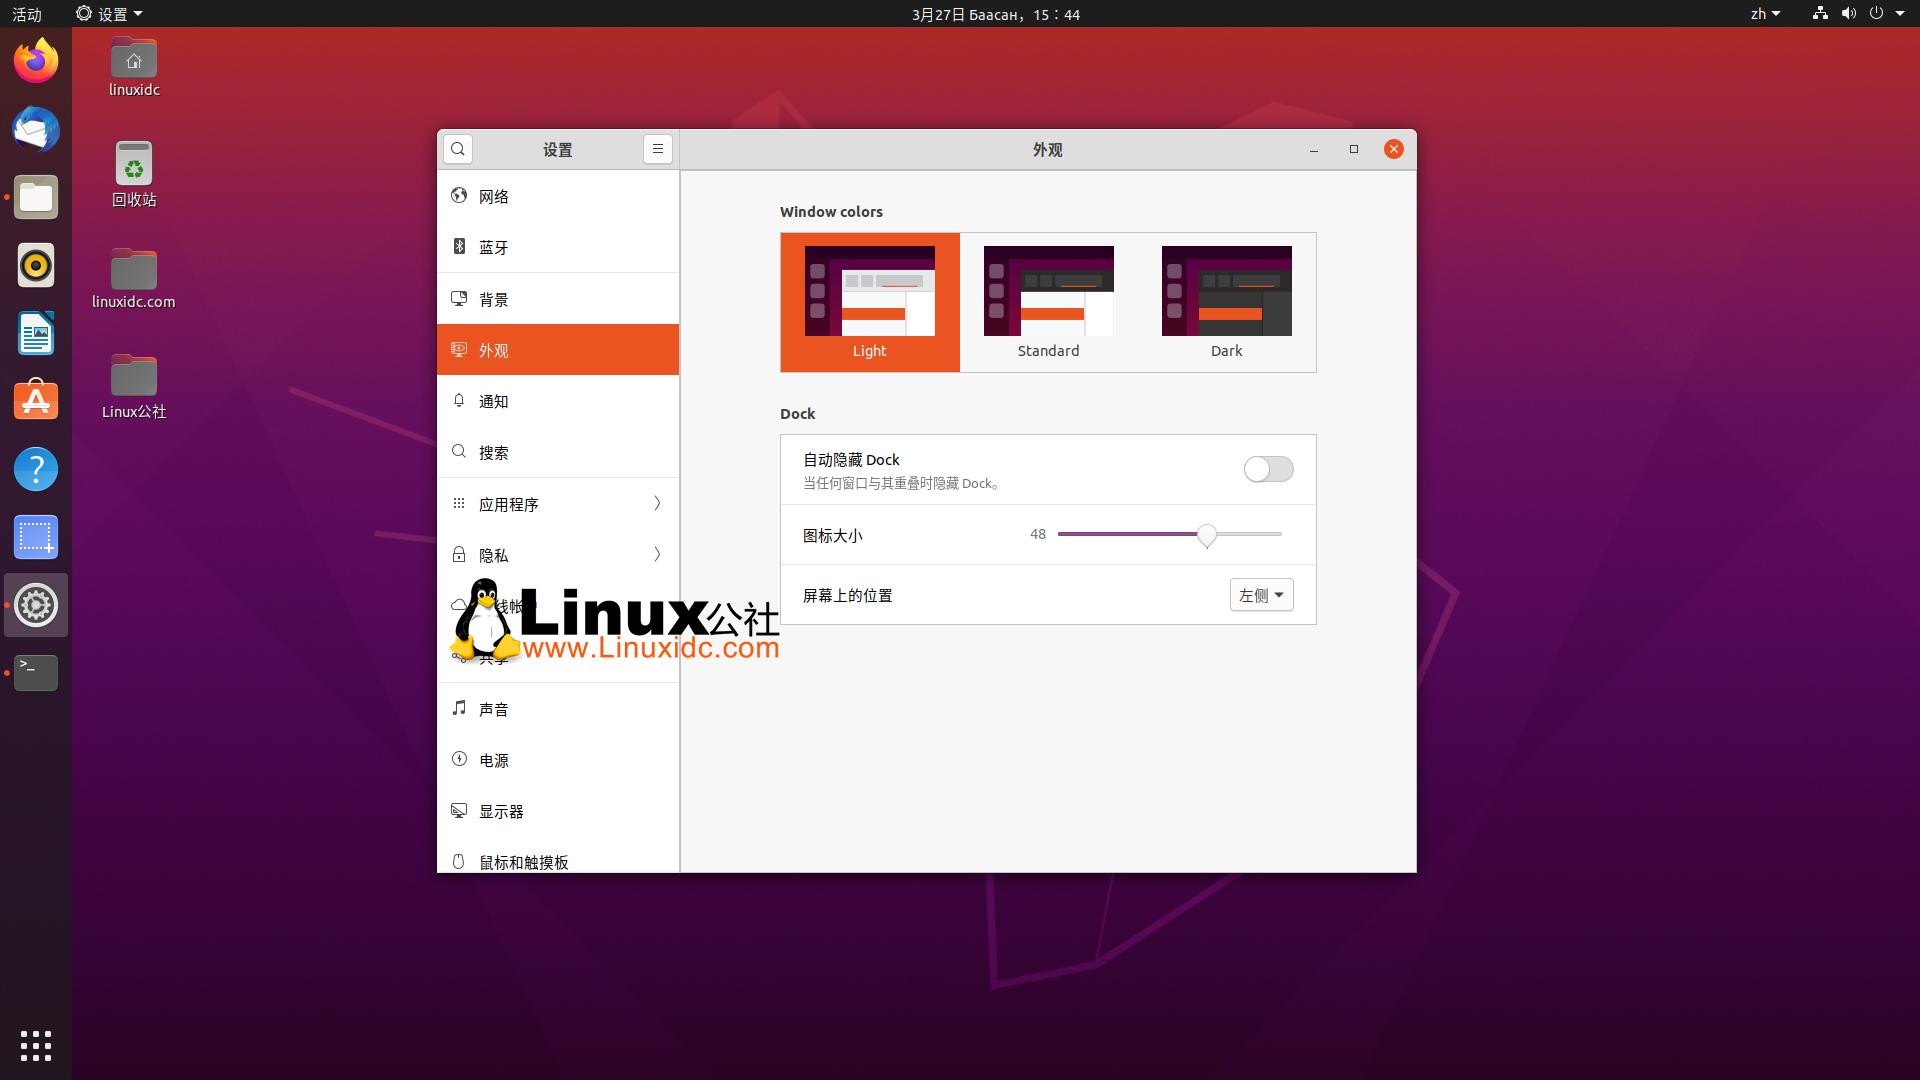 关于 Ubuntu 20.04 LTS Focal Fossa,我所知道的一切